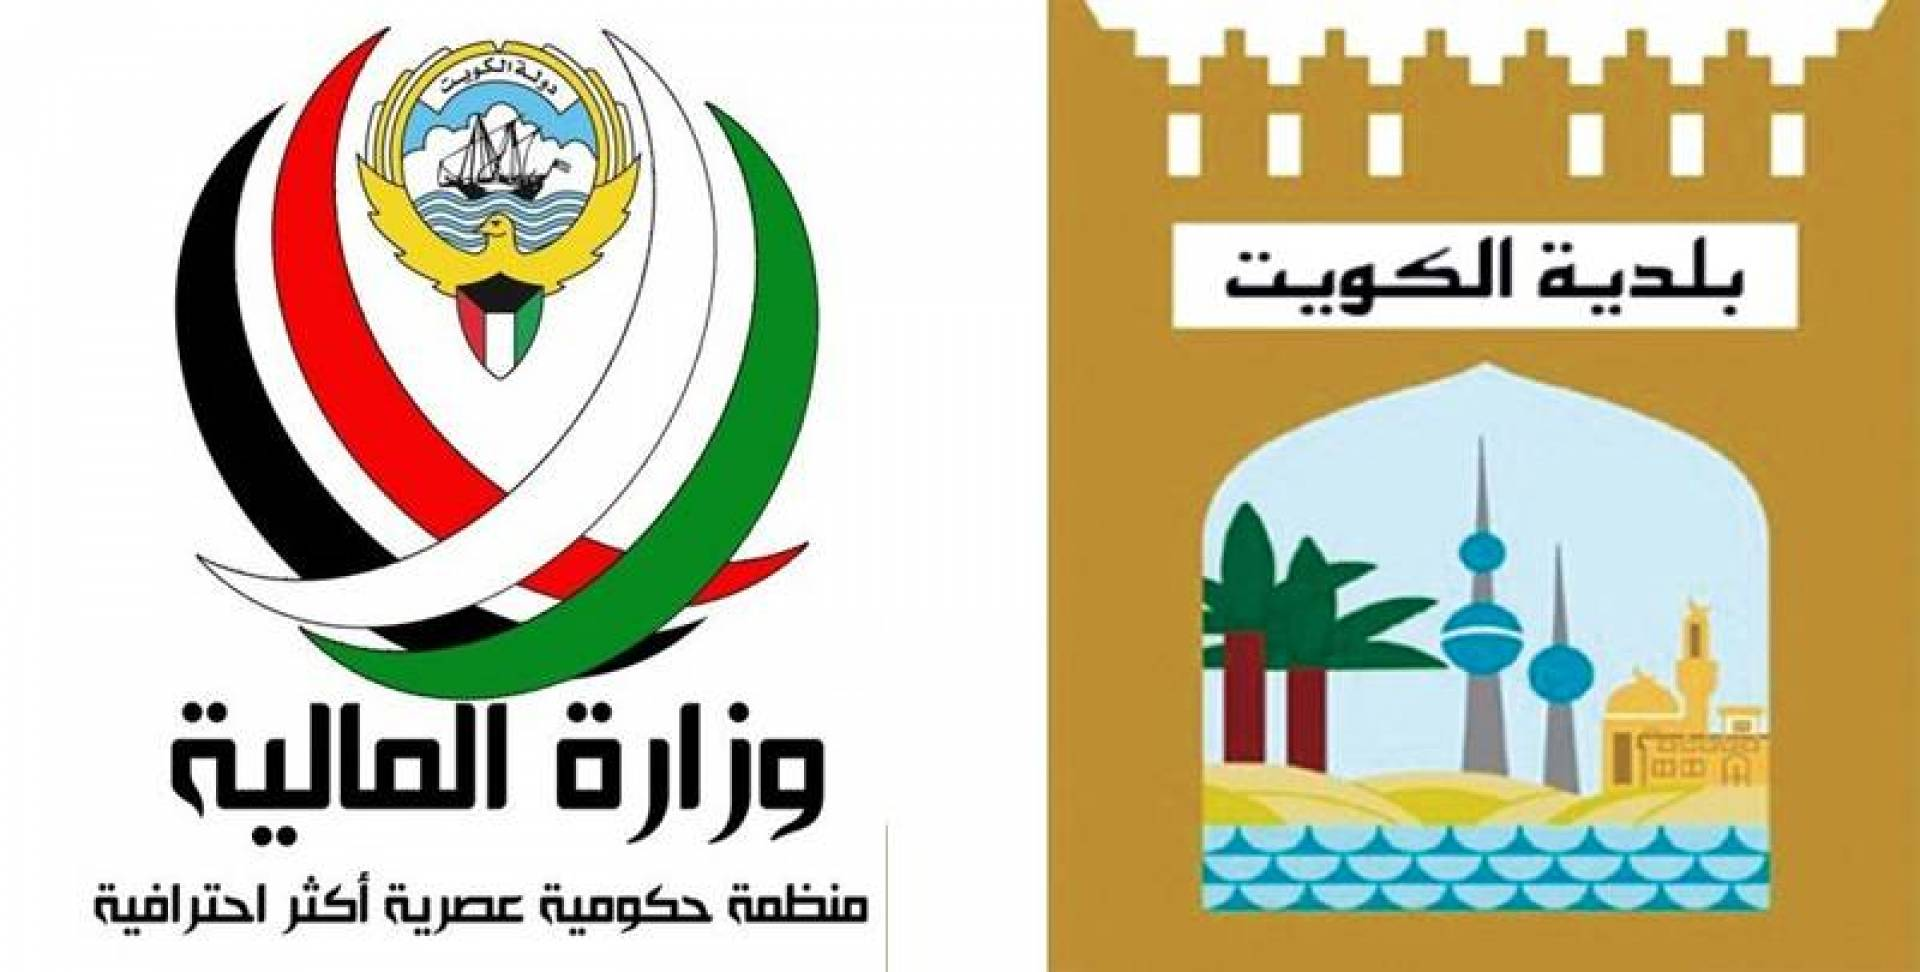 وقف إجراءات «تعاونية» الشامية